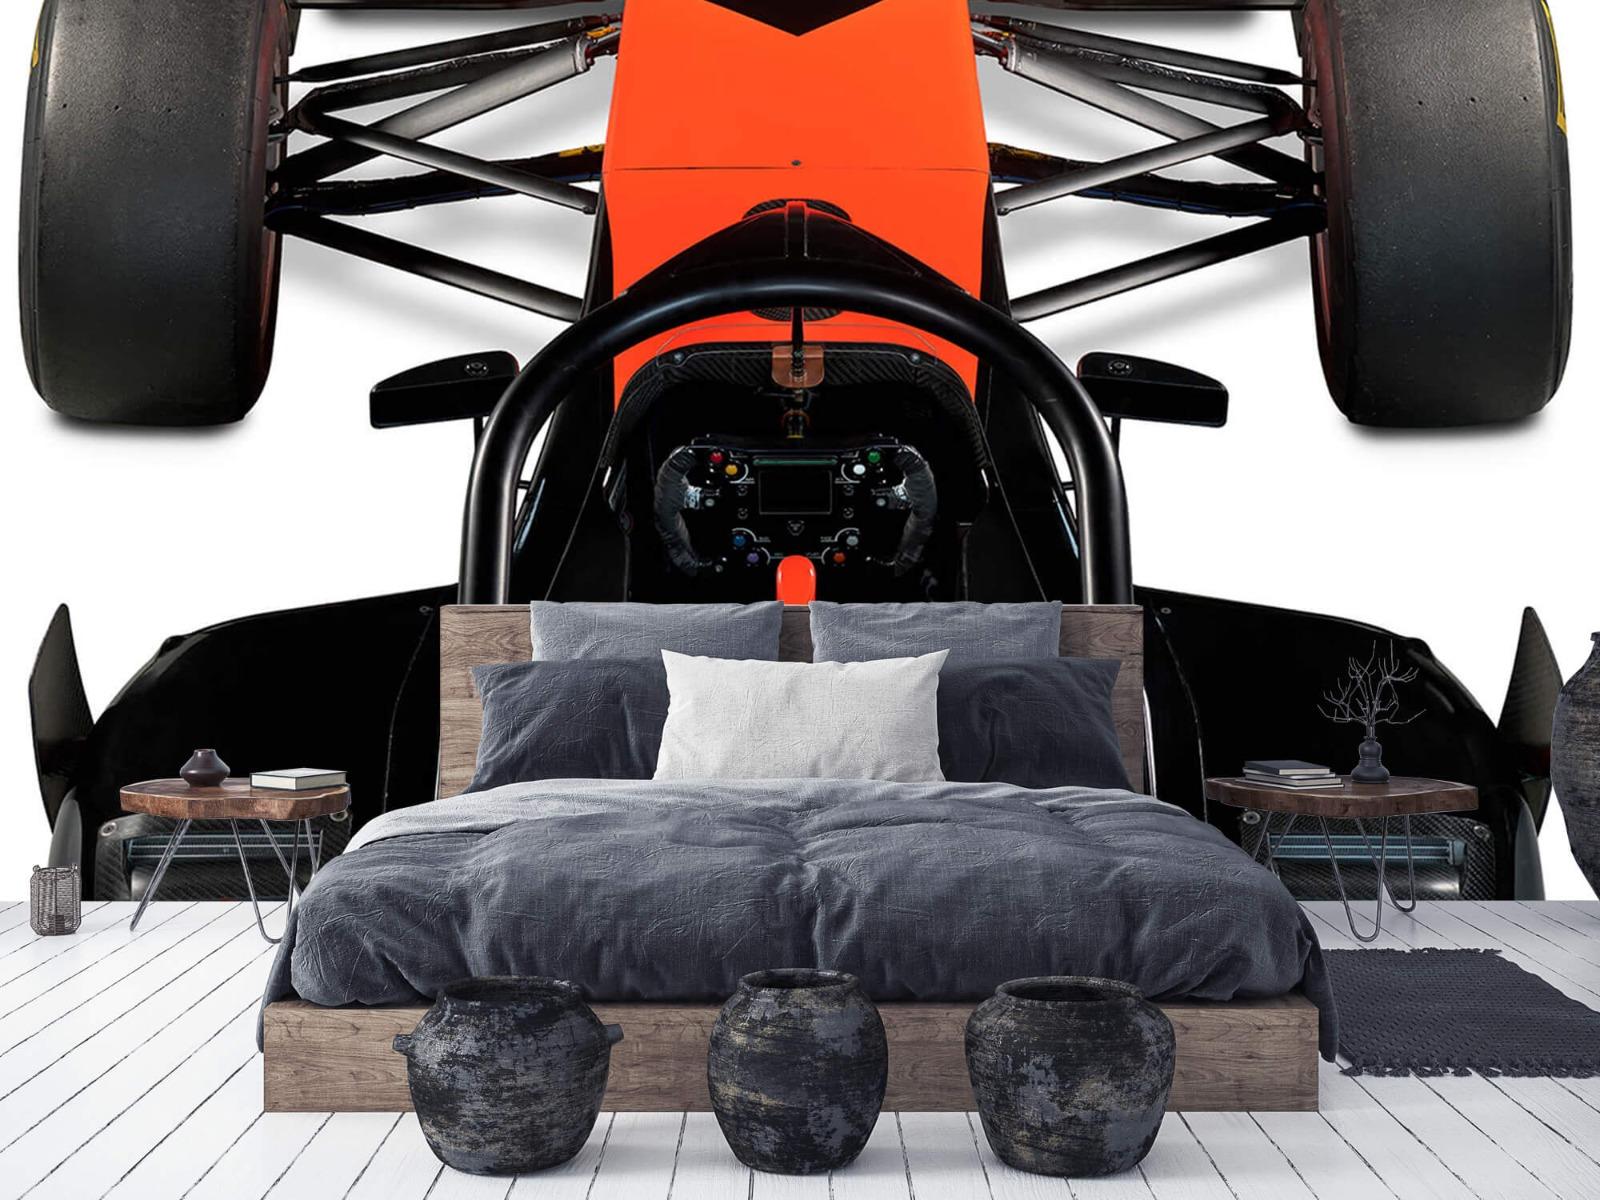 Sportauto's - Formule 3 - Cockpit view - Computerruimte 6